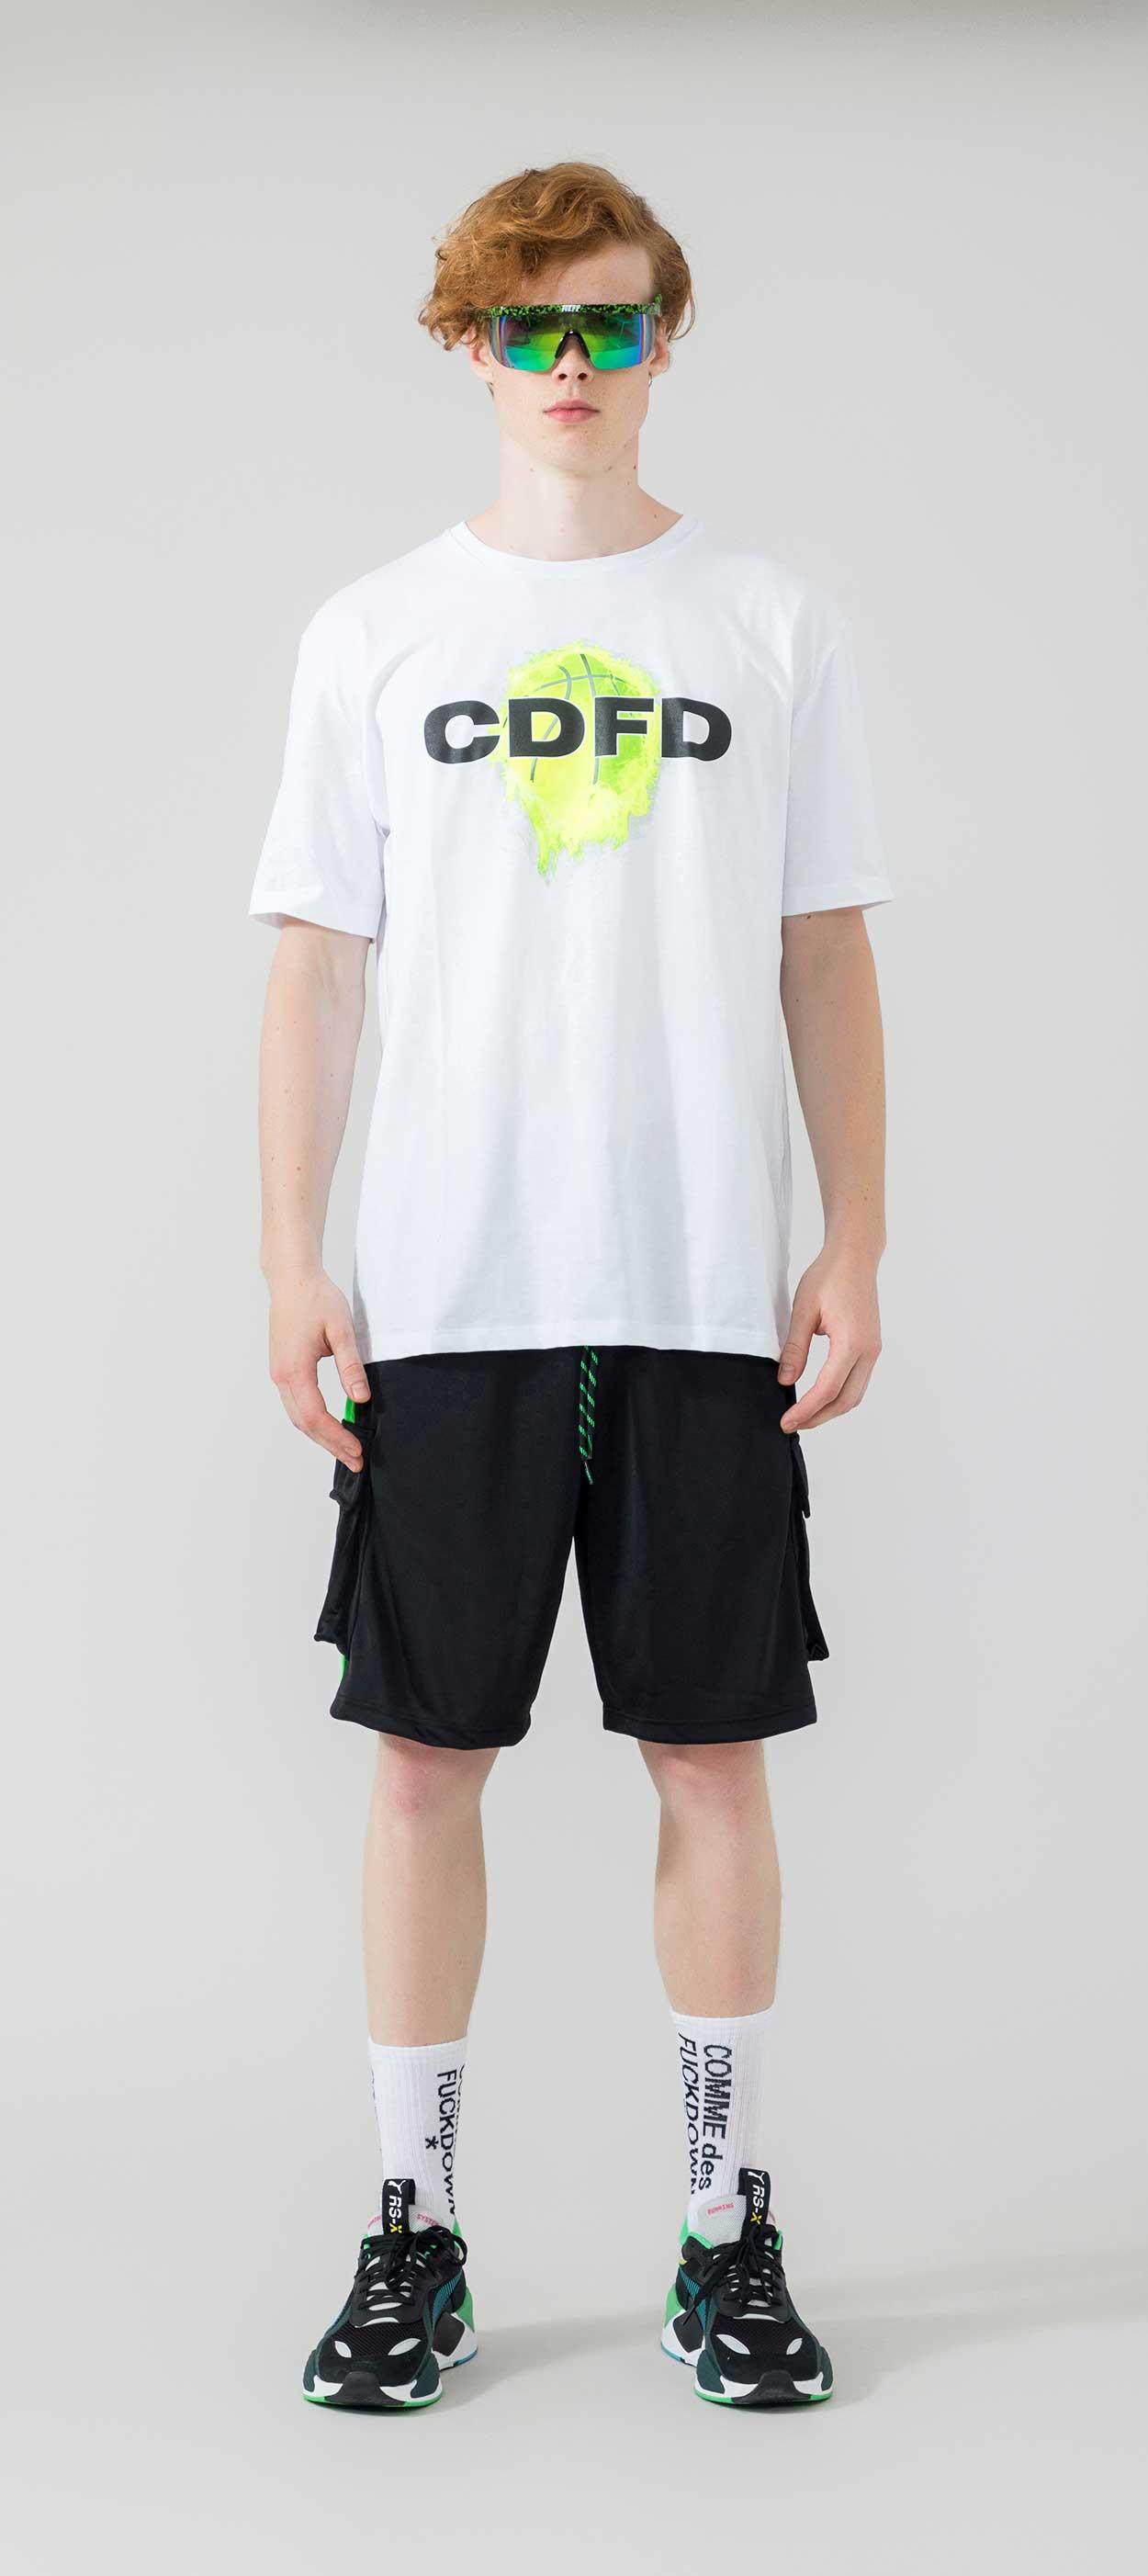 T-SHIRT - CDFU807 - COMME DES FKDOWN